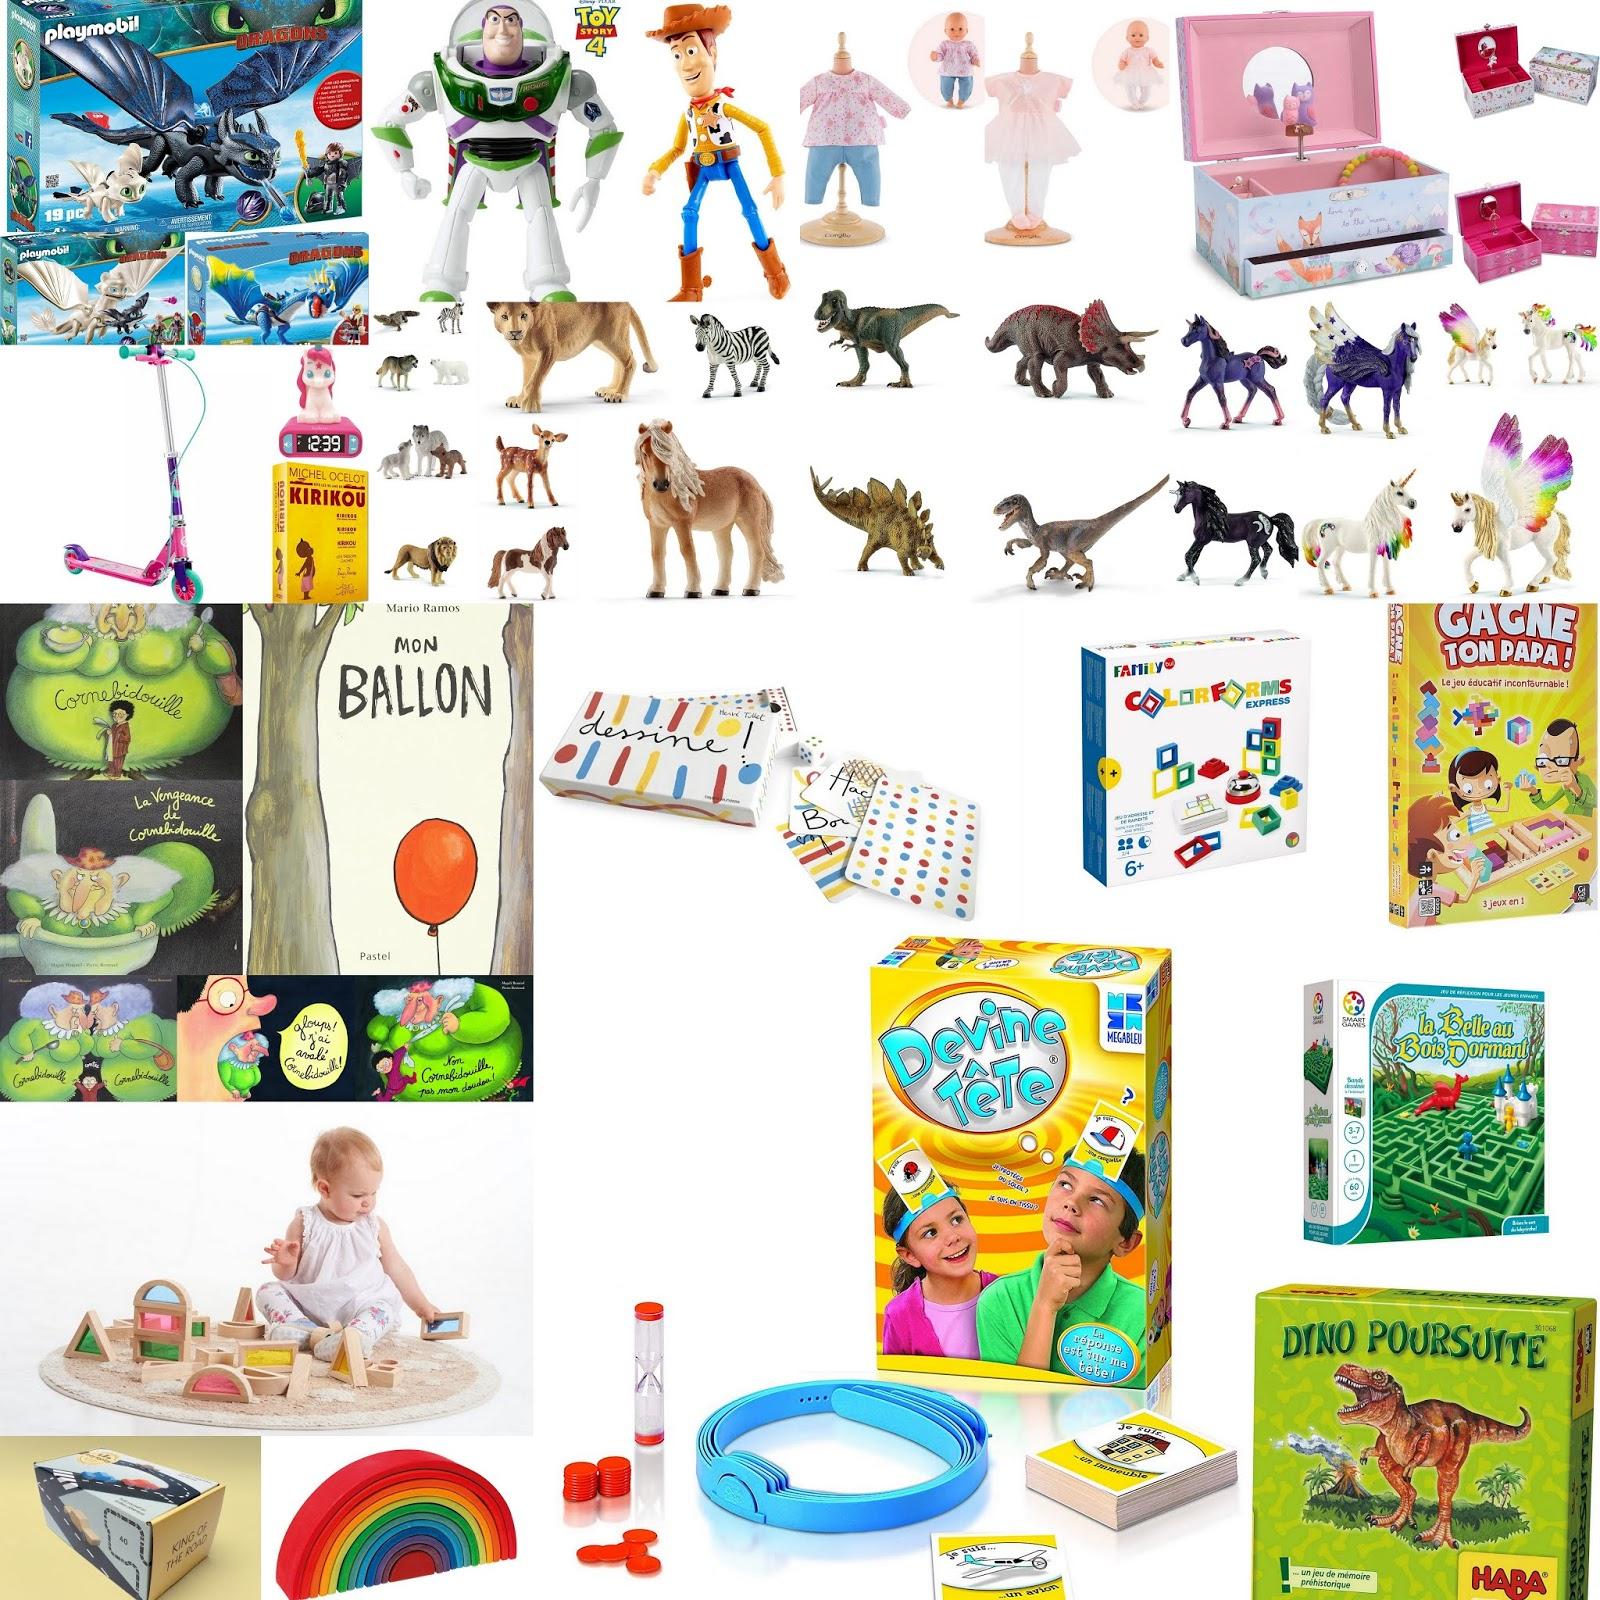 Maaademoiselle A.: || Idées Cadeaux Pour Des Petites Filles dedans Jeux De Fille Pour 7 Ans